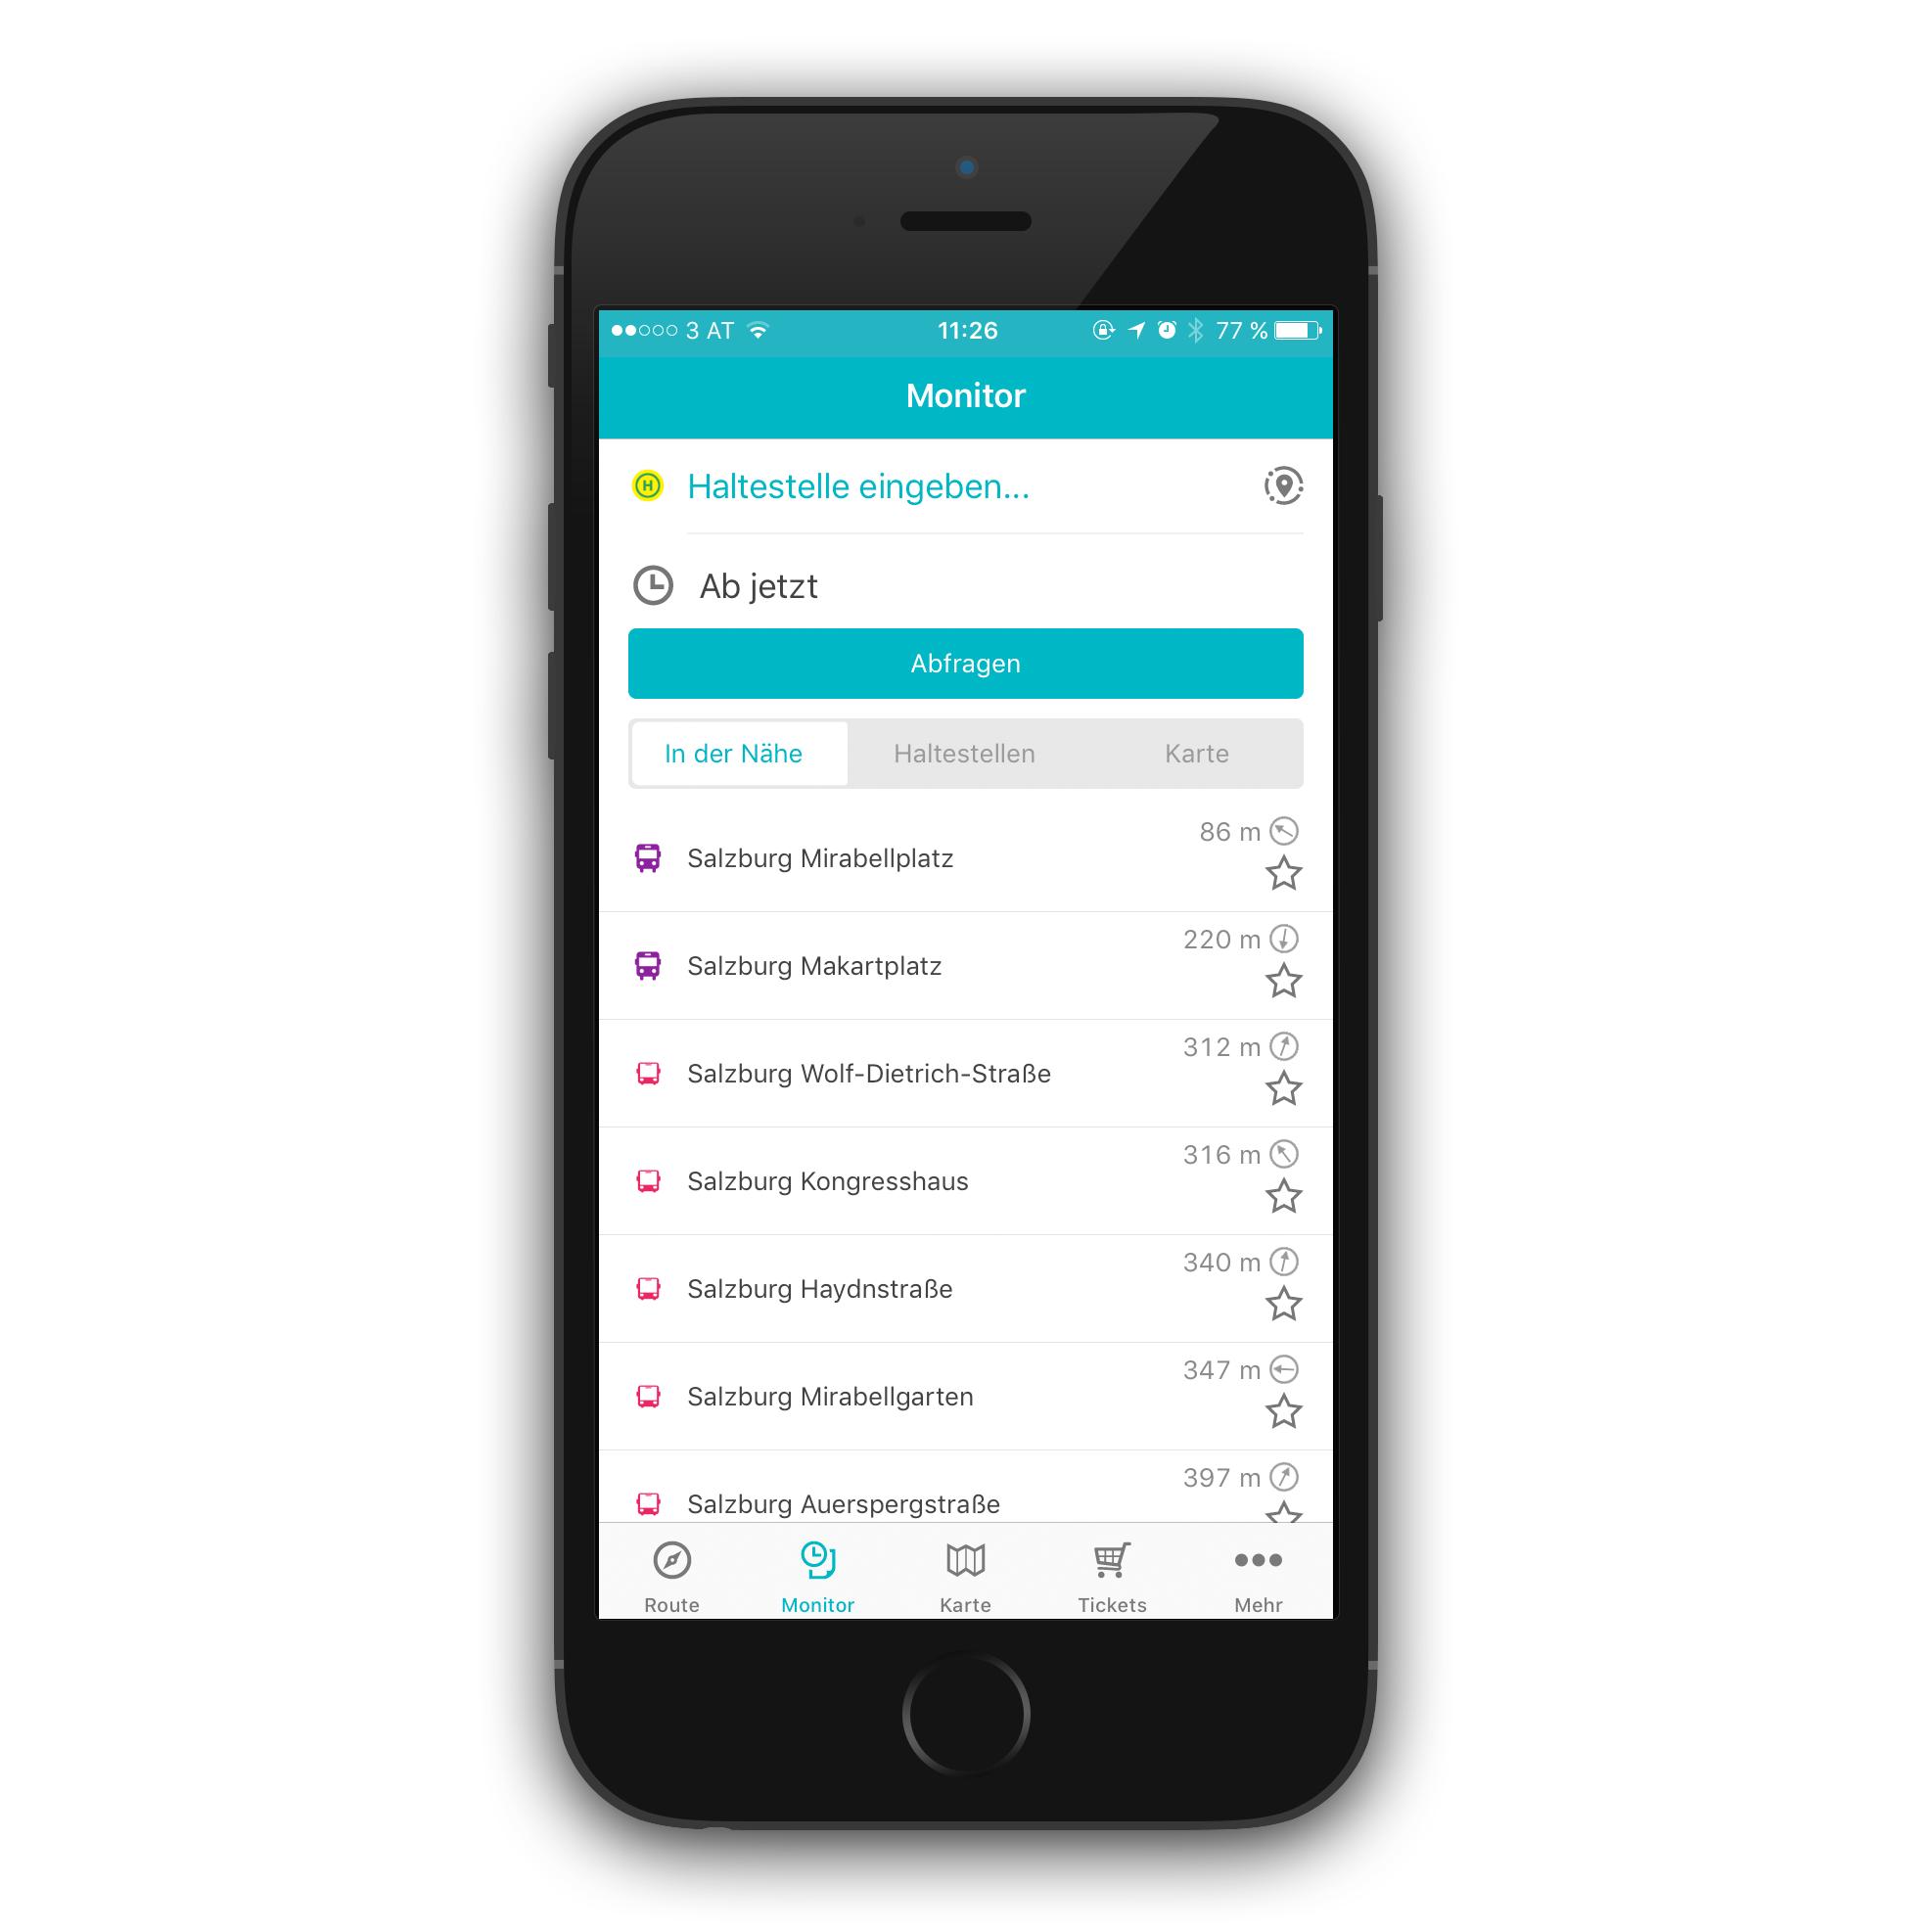 Screenshot Salzburg Verkehr App: Ansicht Haltestellenmonitor